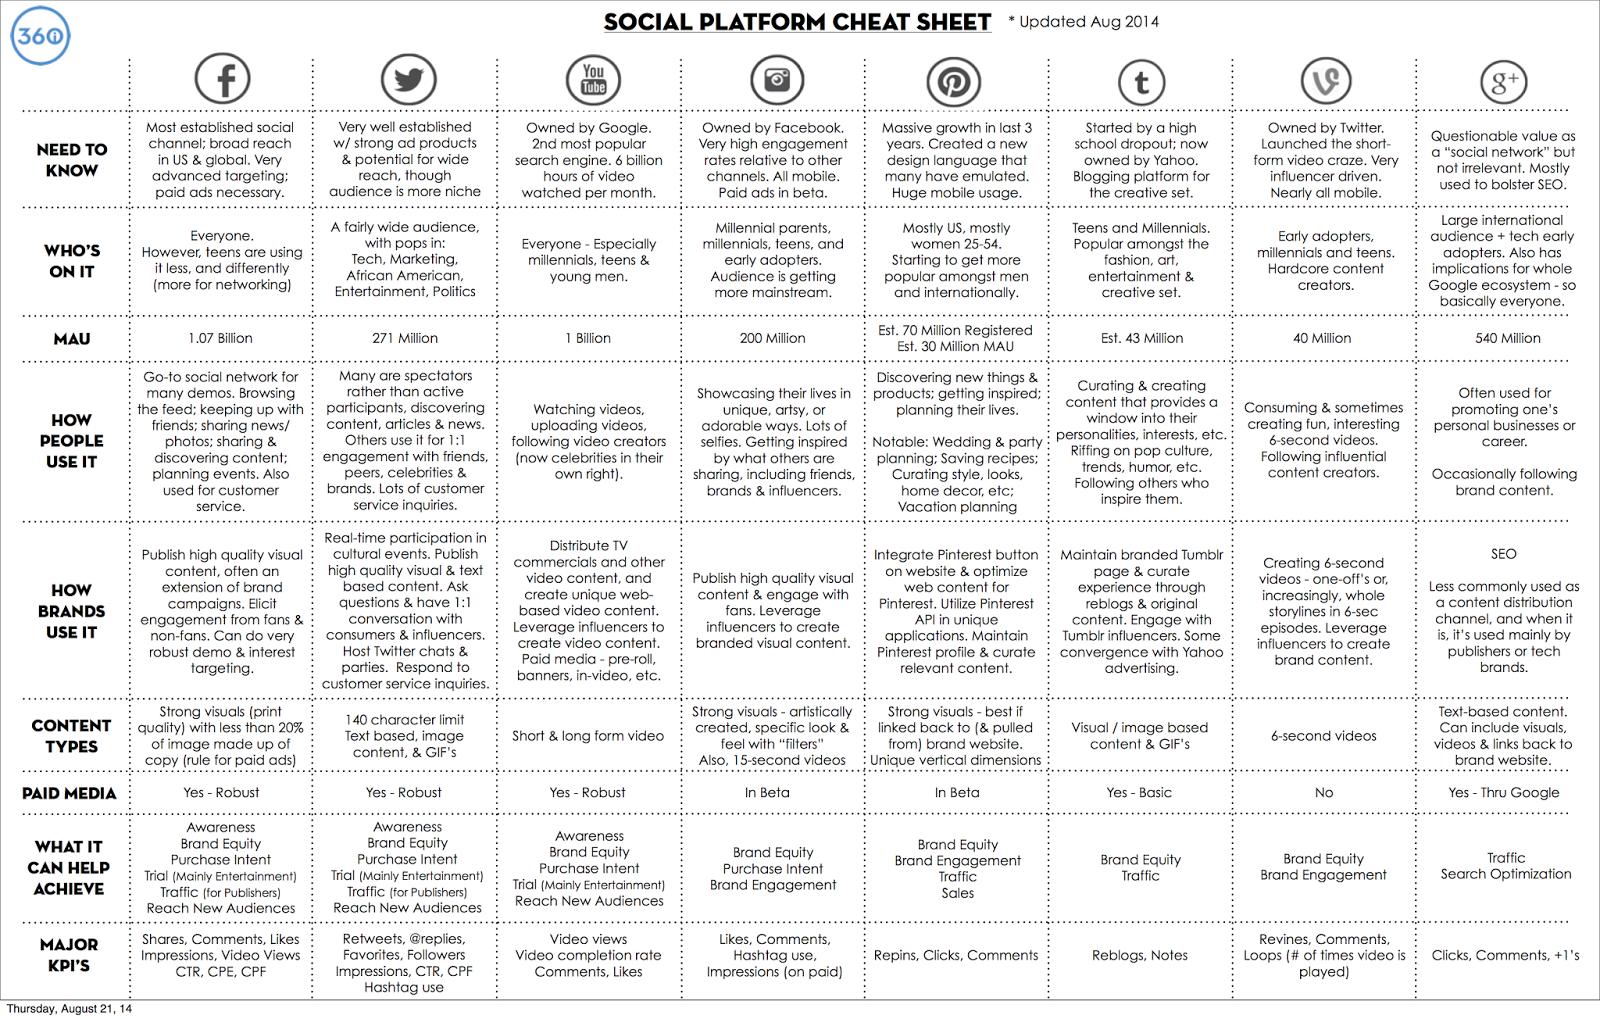 Social Media Marketing Cheat Sheet For Facebook